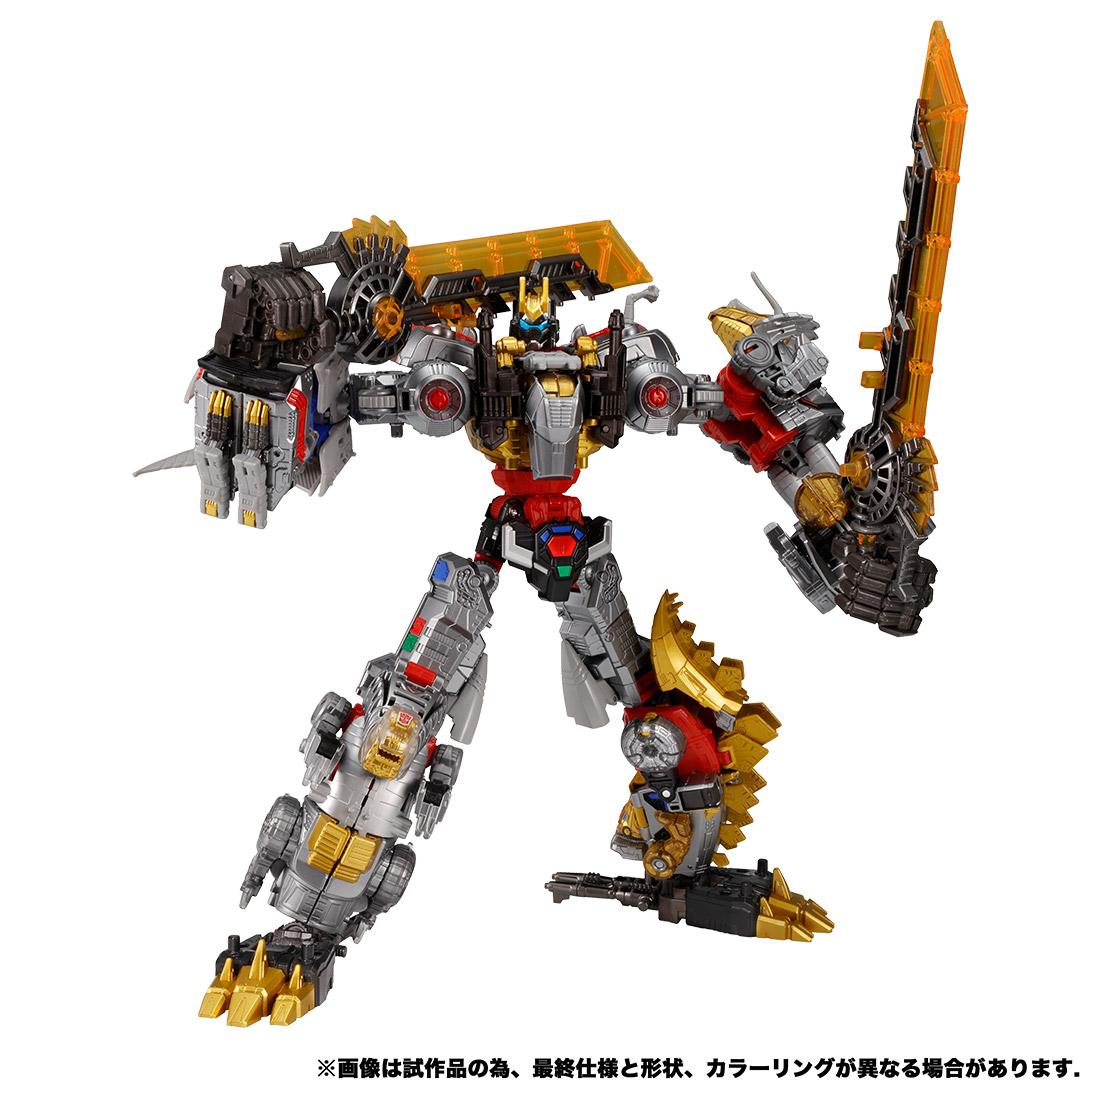 【限定販売】トランスフォーマー GENERATION SELECTS『ボルカニカス』可変可動フィギュア-001